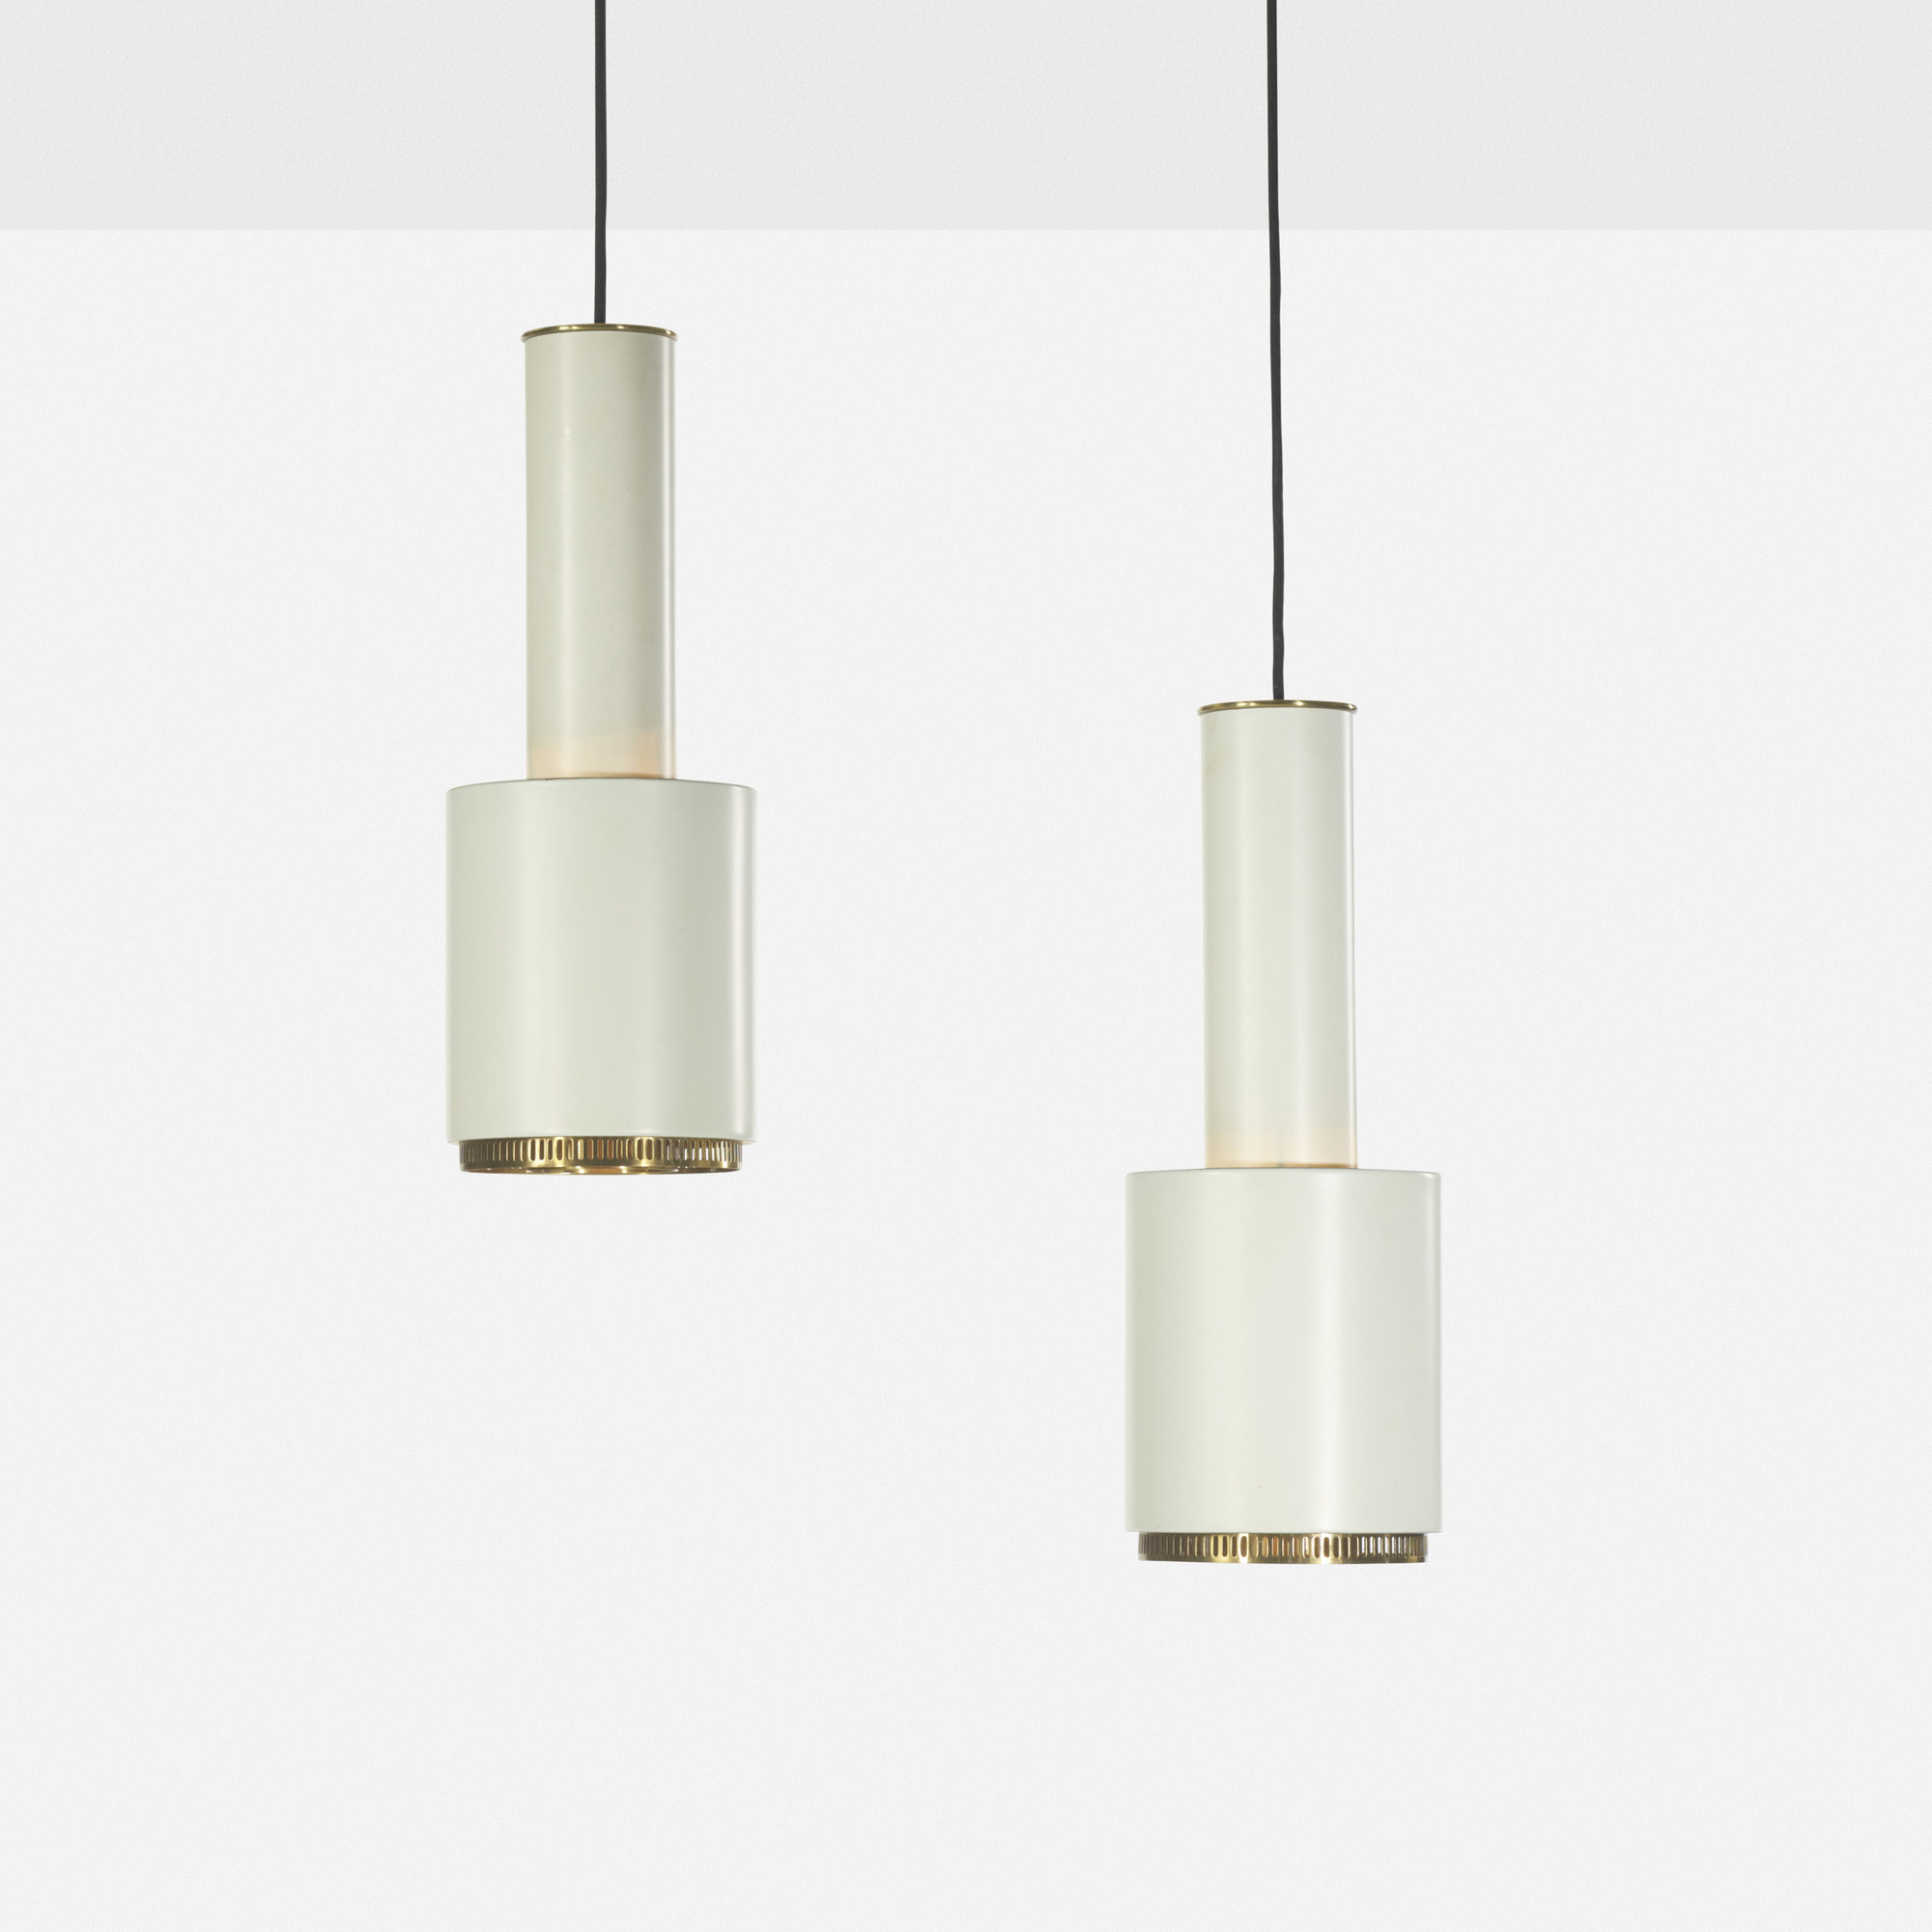 162 Alvar Aalto Pendant Lamps Pair